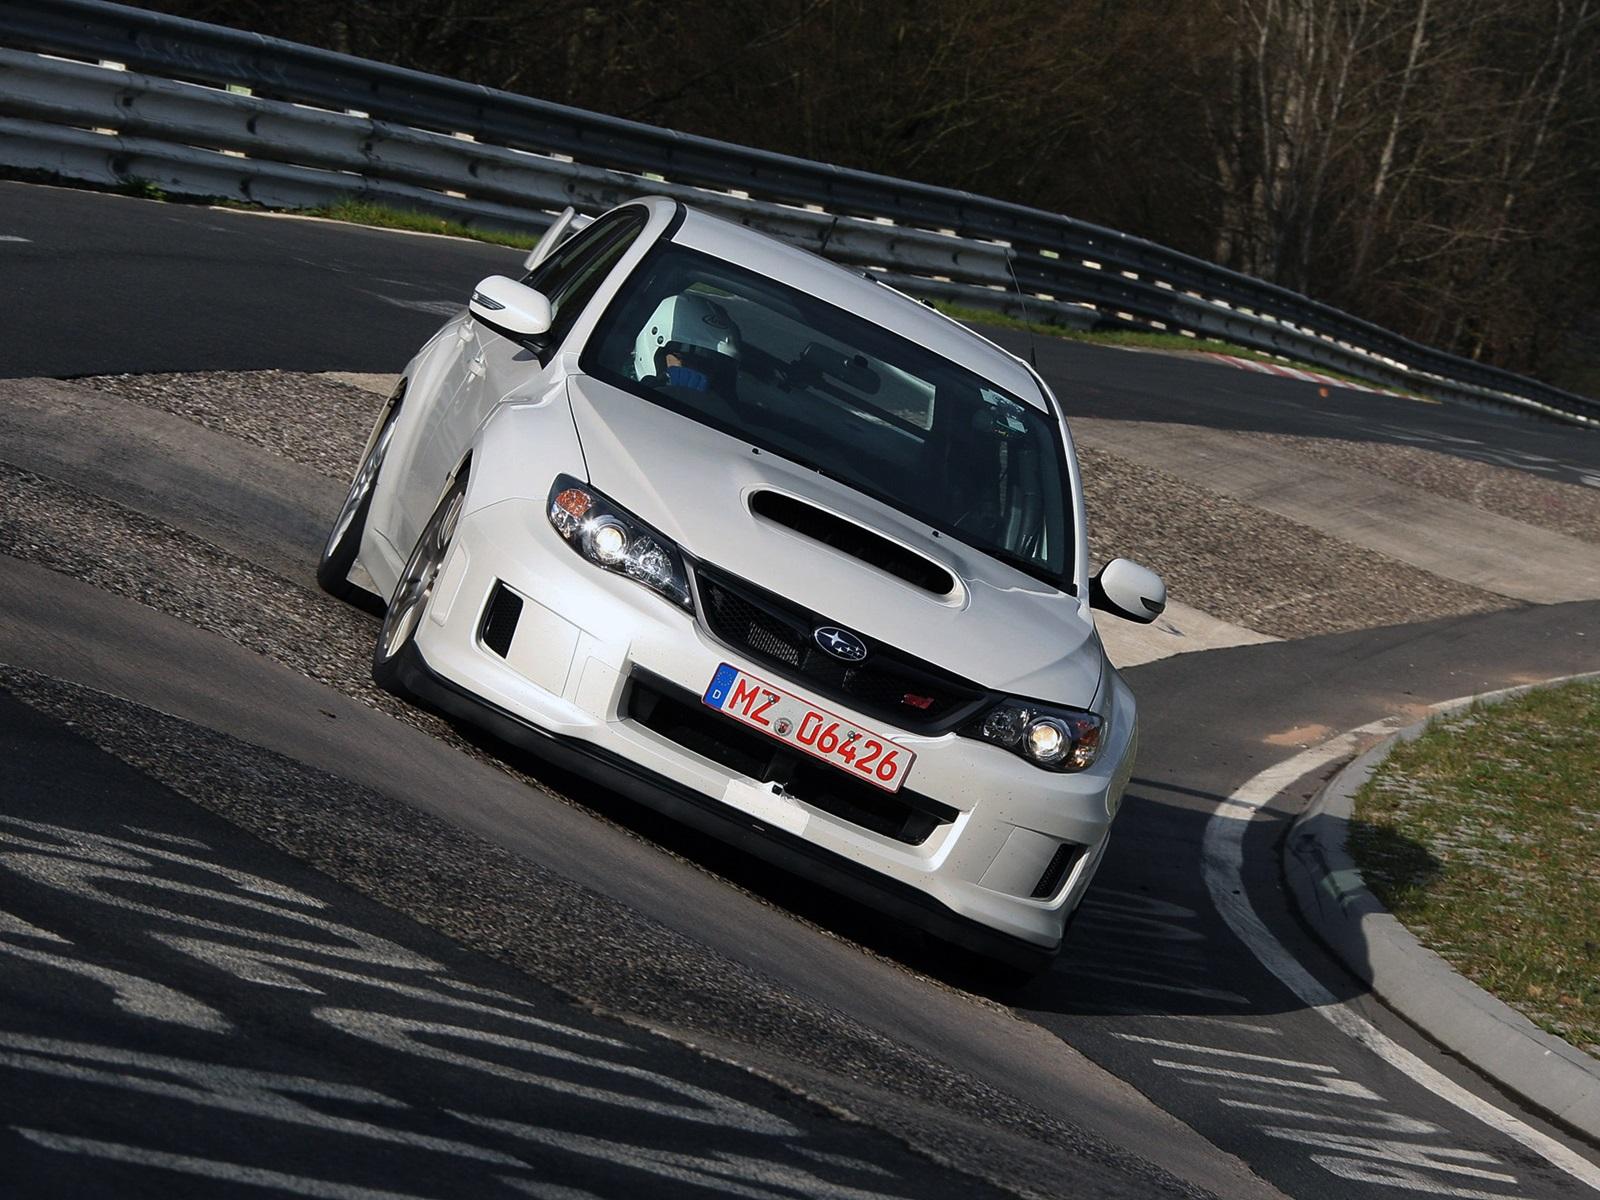 2011 Subaru Wrx Sti 4 Door At Nordschleife Nurburgring Germany